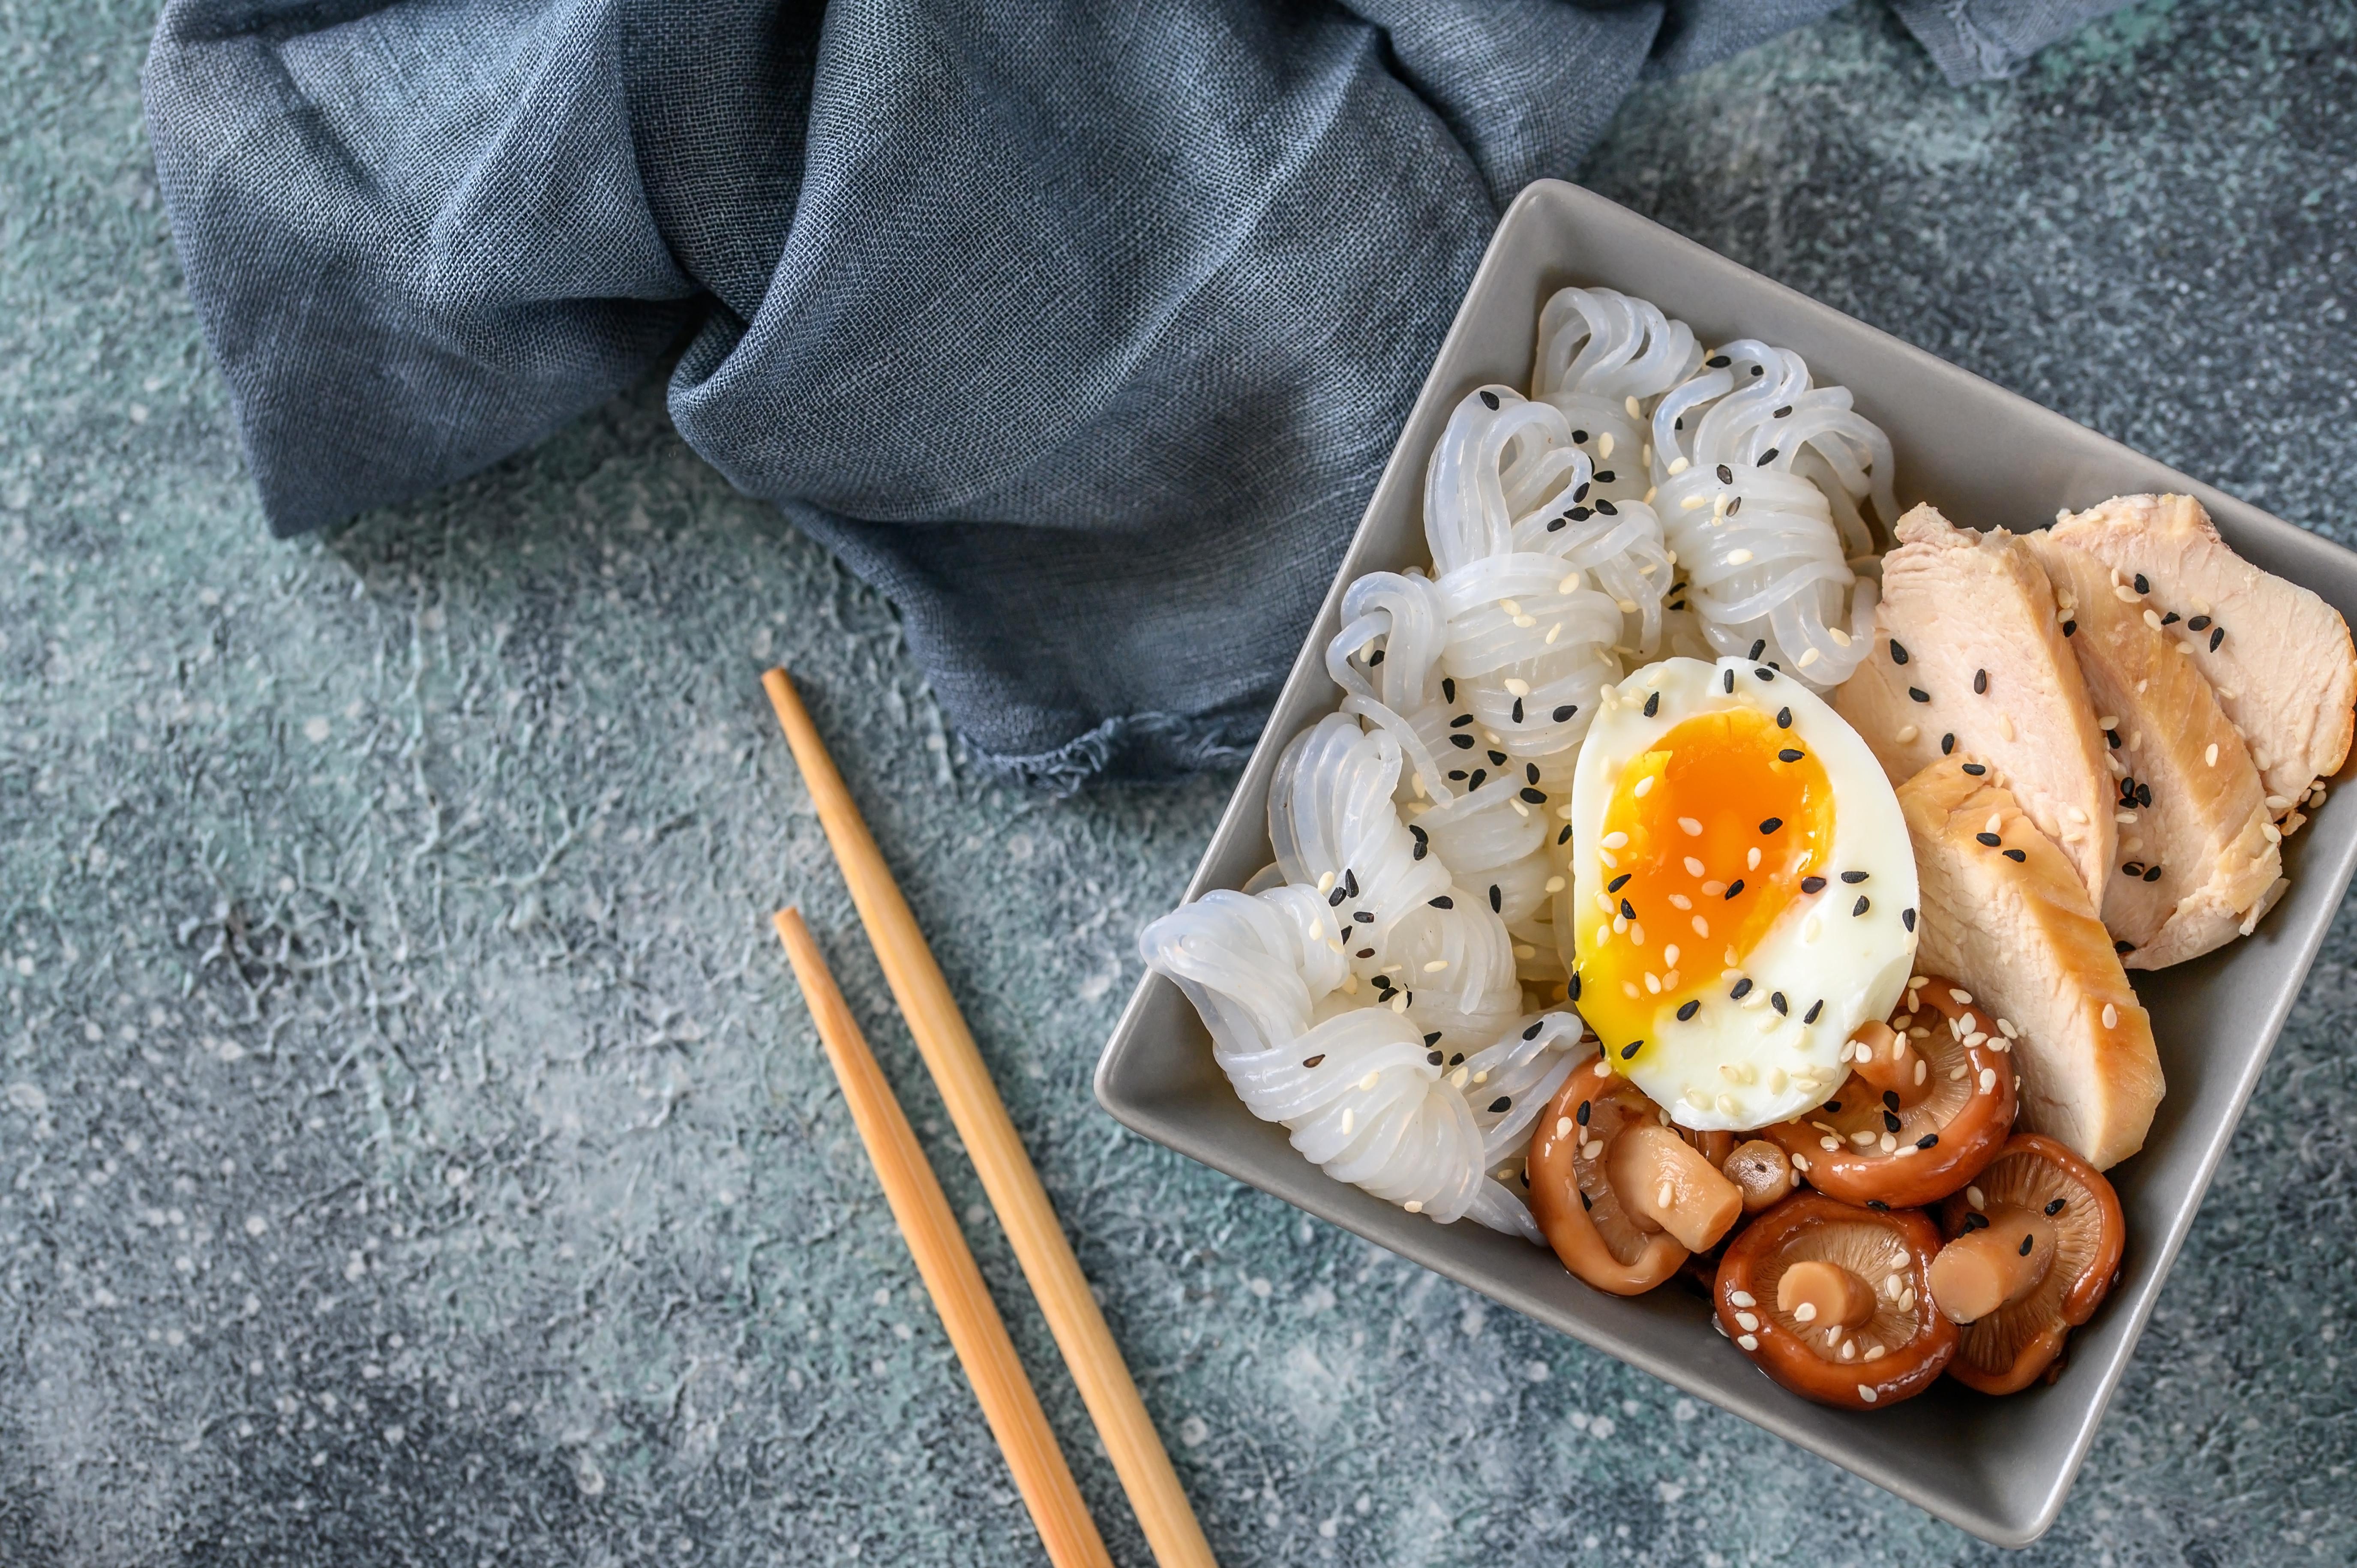 Bowl of Asian food with konnyaku